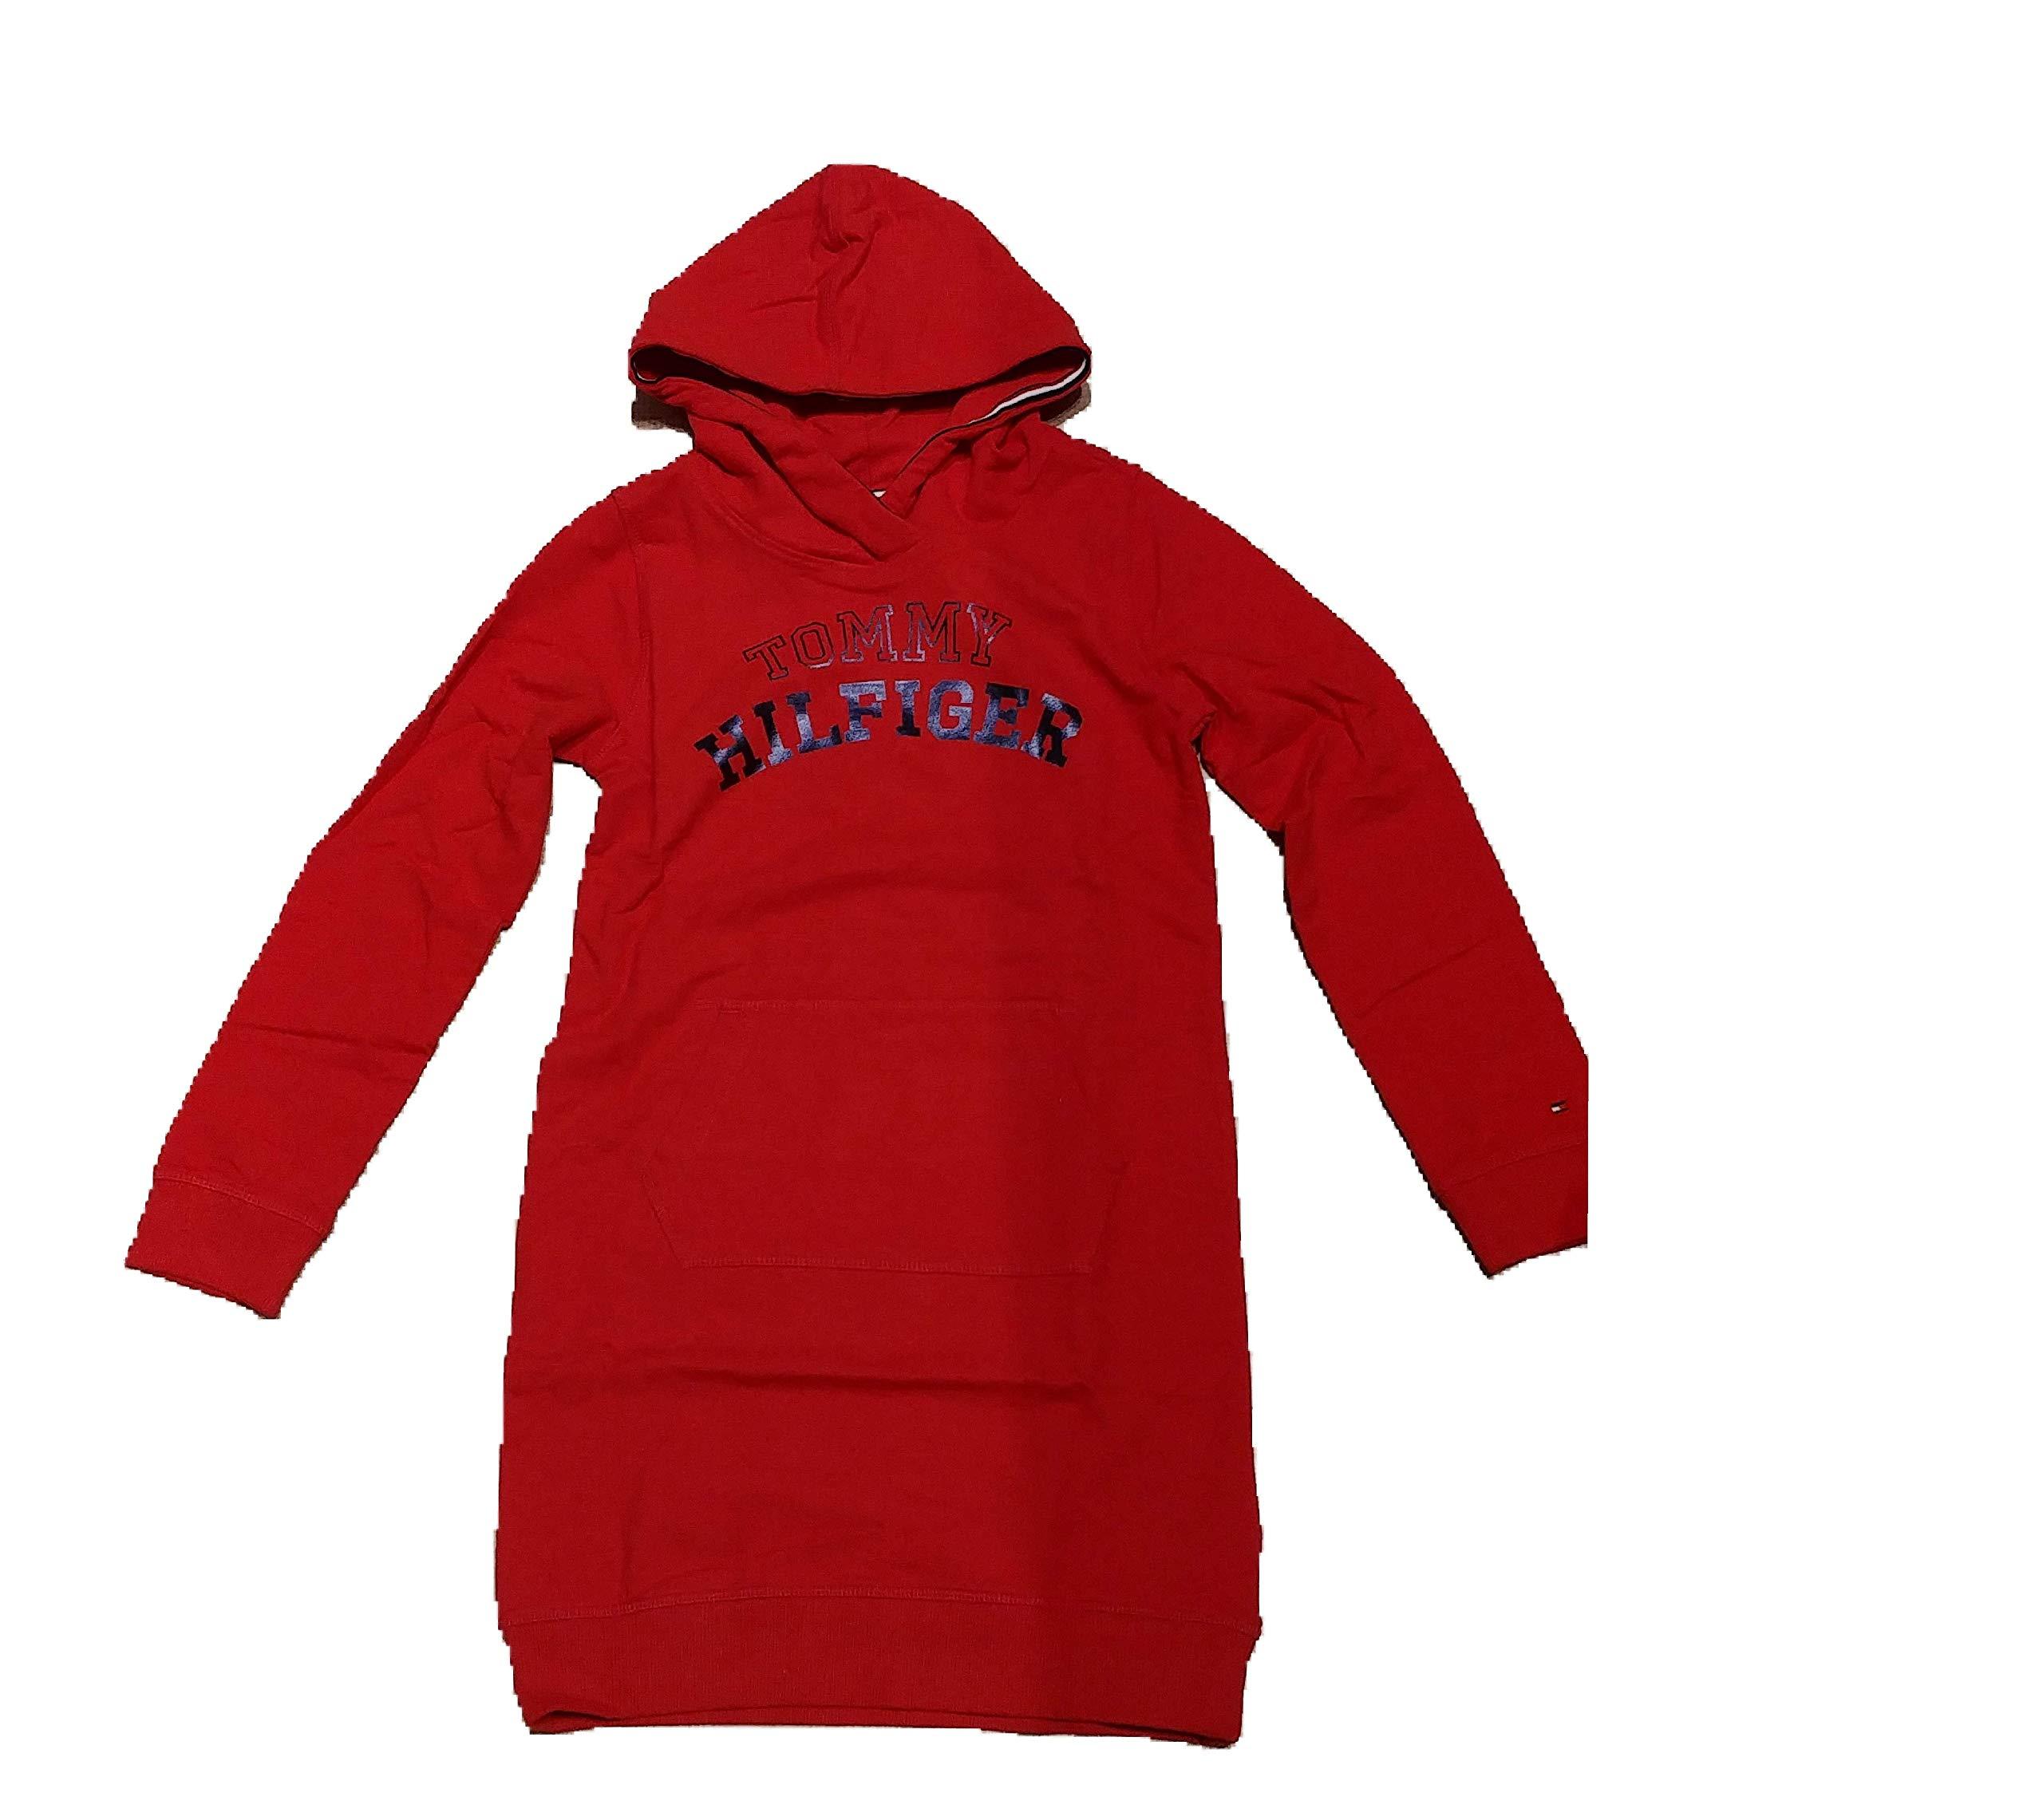 Tommy Hilfiger – Essential Logo Hoodi – Vestido Rojo con Capucha NIÑA